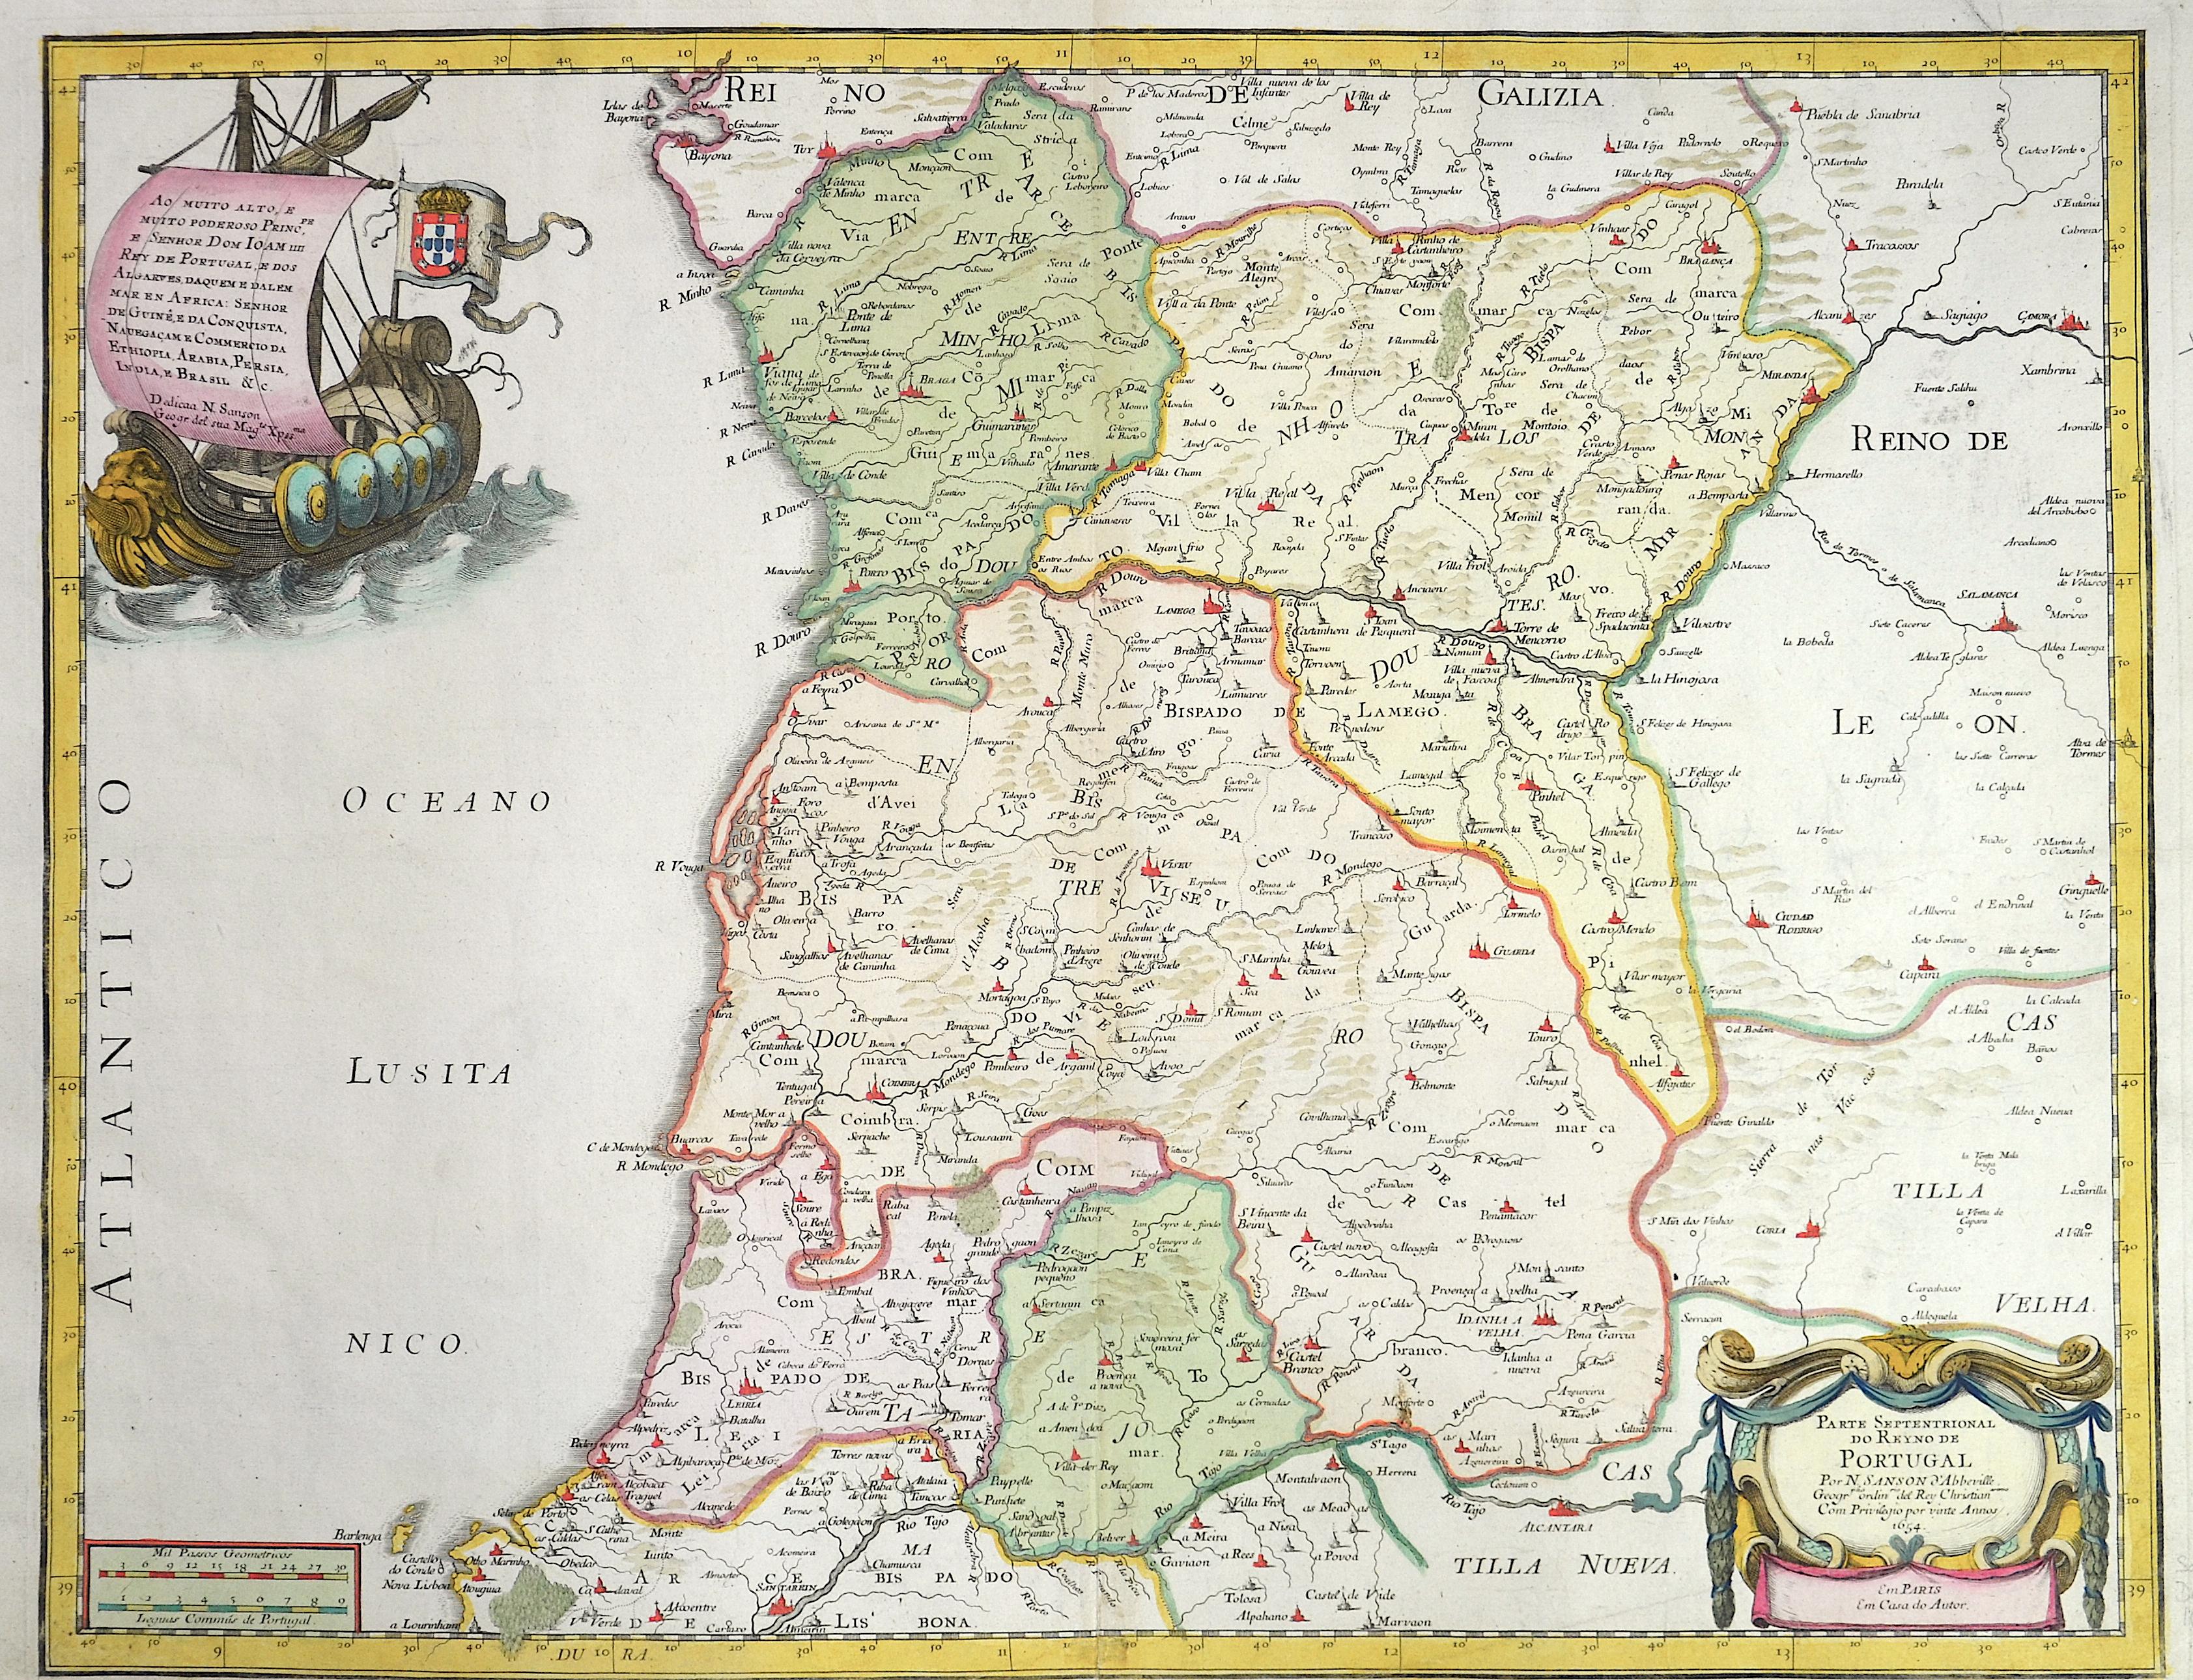 Rossi/ Sanson  Parte Septentrional do Reyno de Portugal